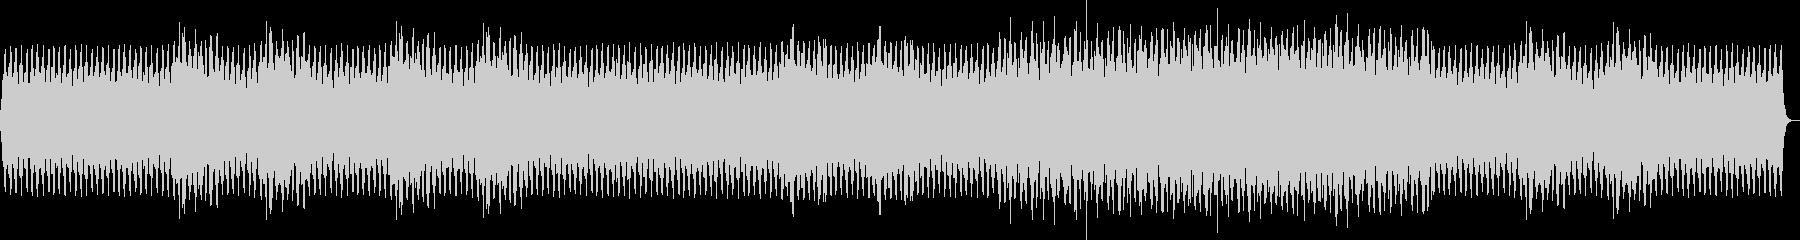 シュールで奇妙な短調メロディの未再生の波形